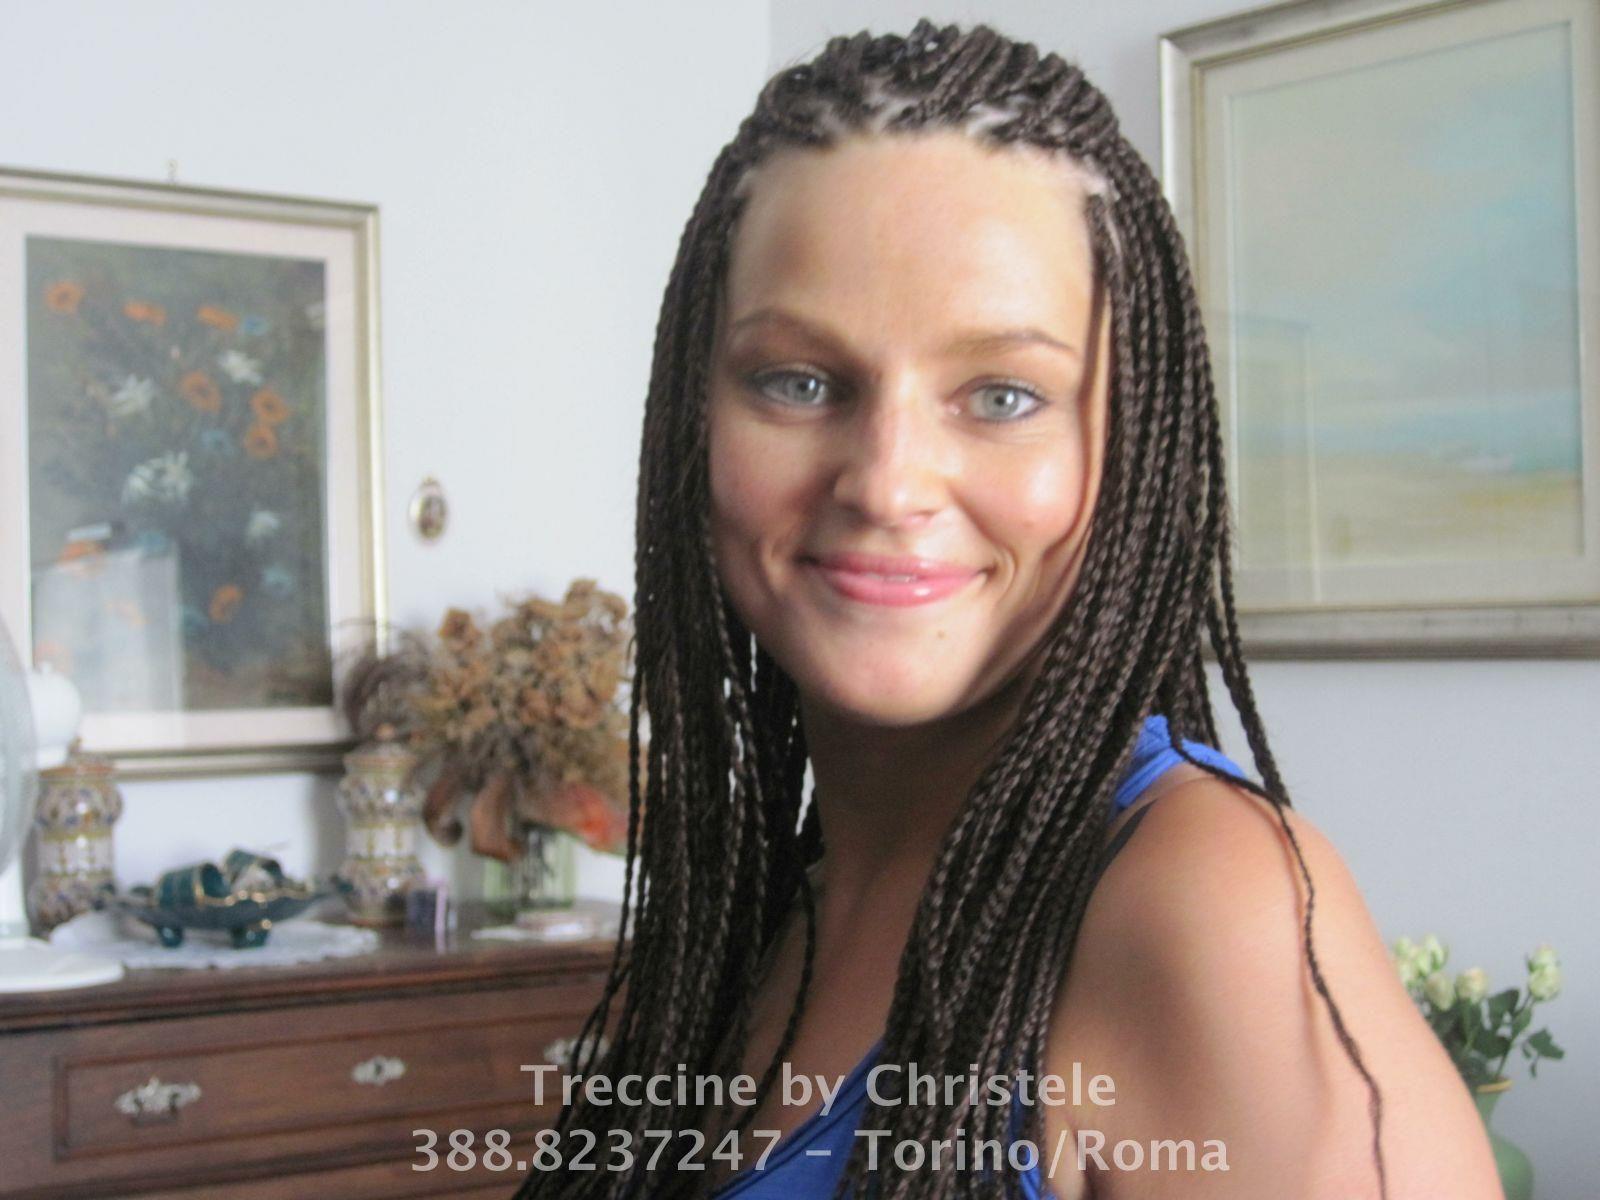 Popolare Treccine Afro Style - Torino: Treccine Africane Lunghe KM71